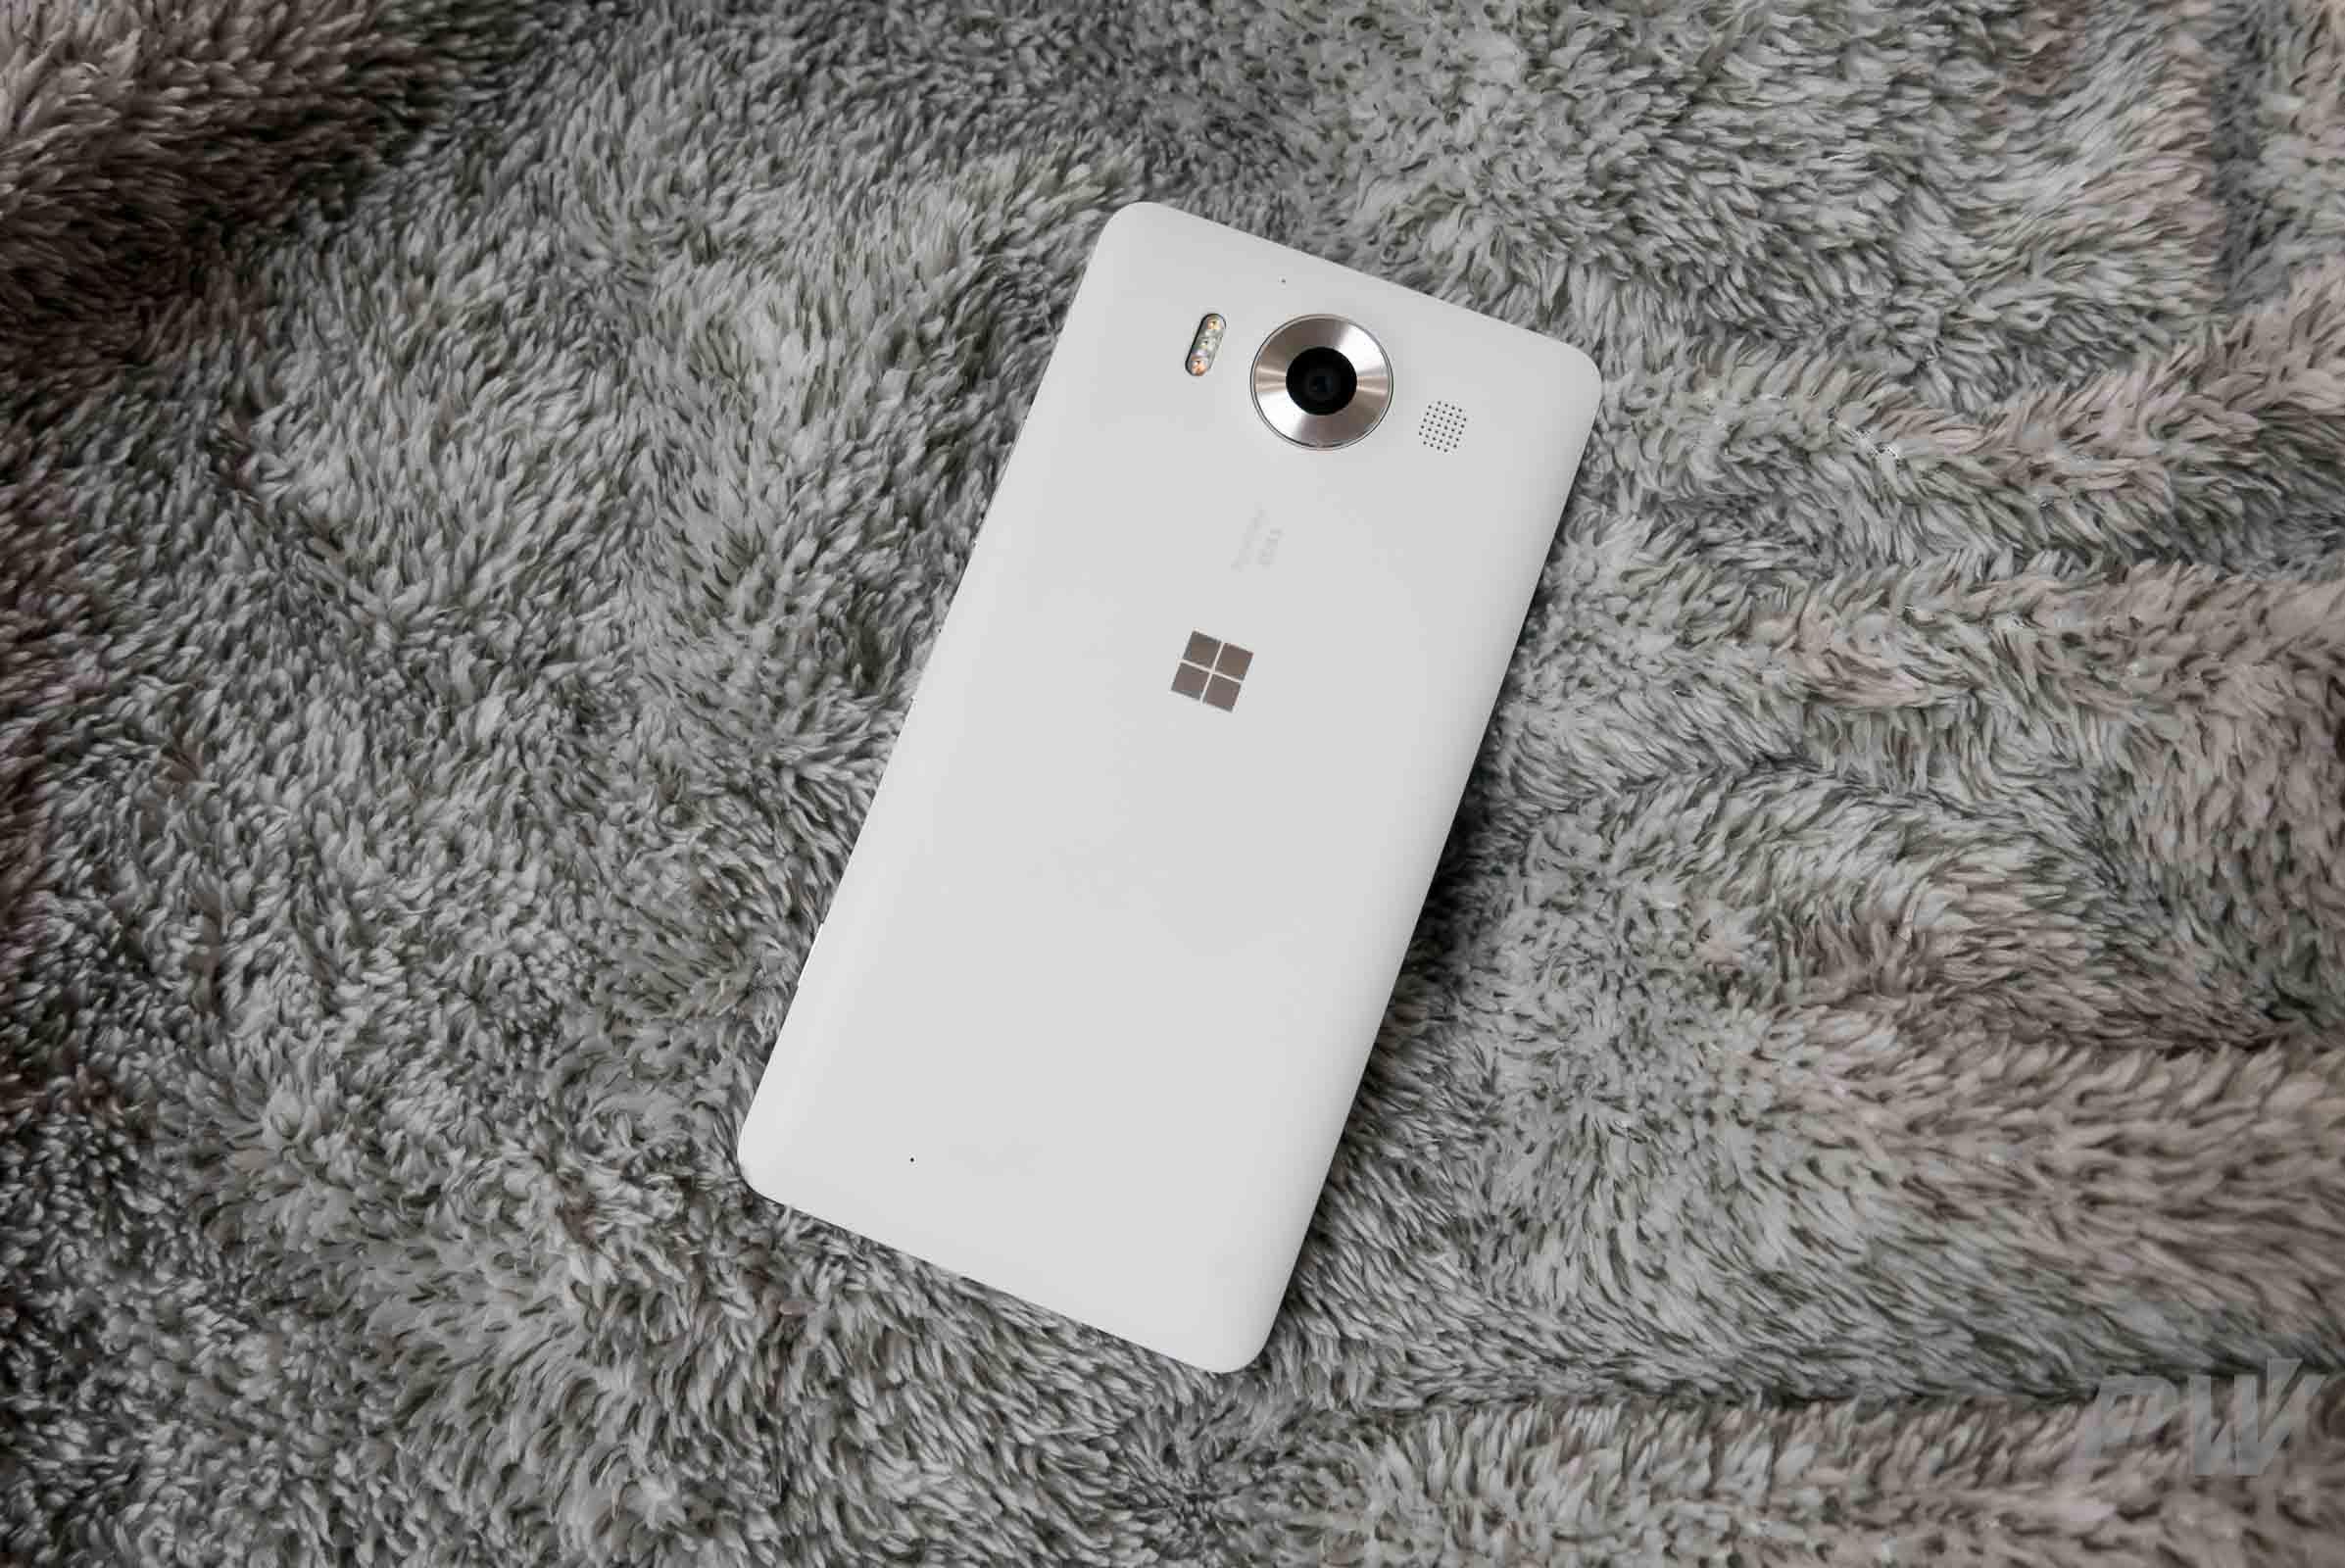 末代 Windows 机皇:Lumia 950